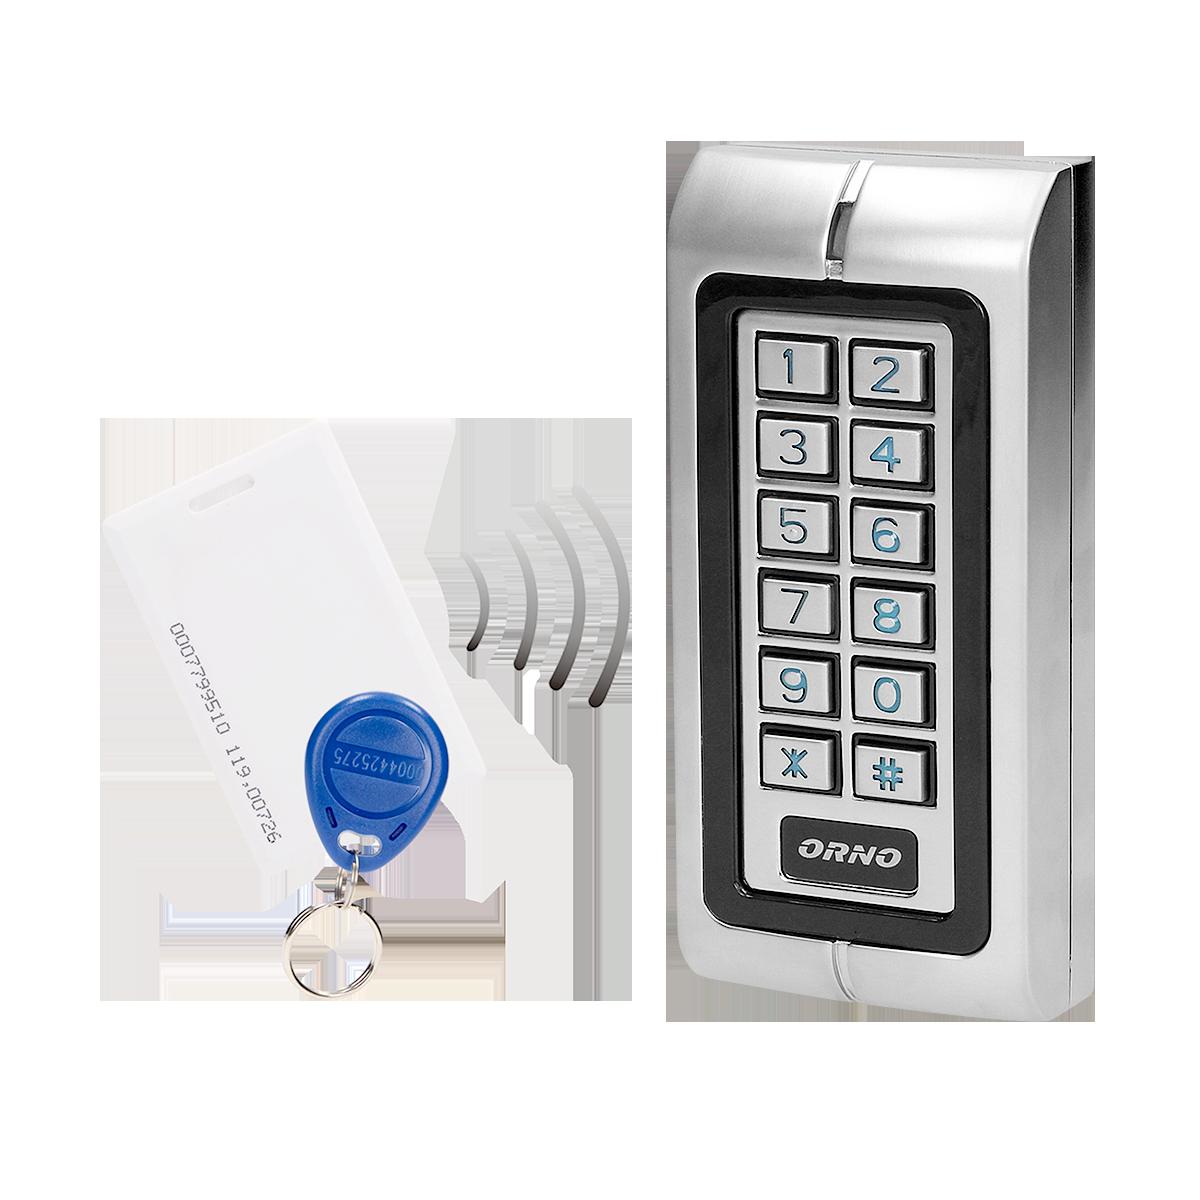 Zamek szyfrowy wąski z czytnikiem kart i breloków zbliżeniowych, IP44 , 1 przekaźnik 3A , wymiary 128x82x28 mm